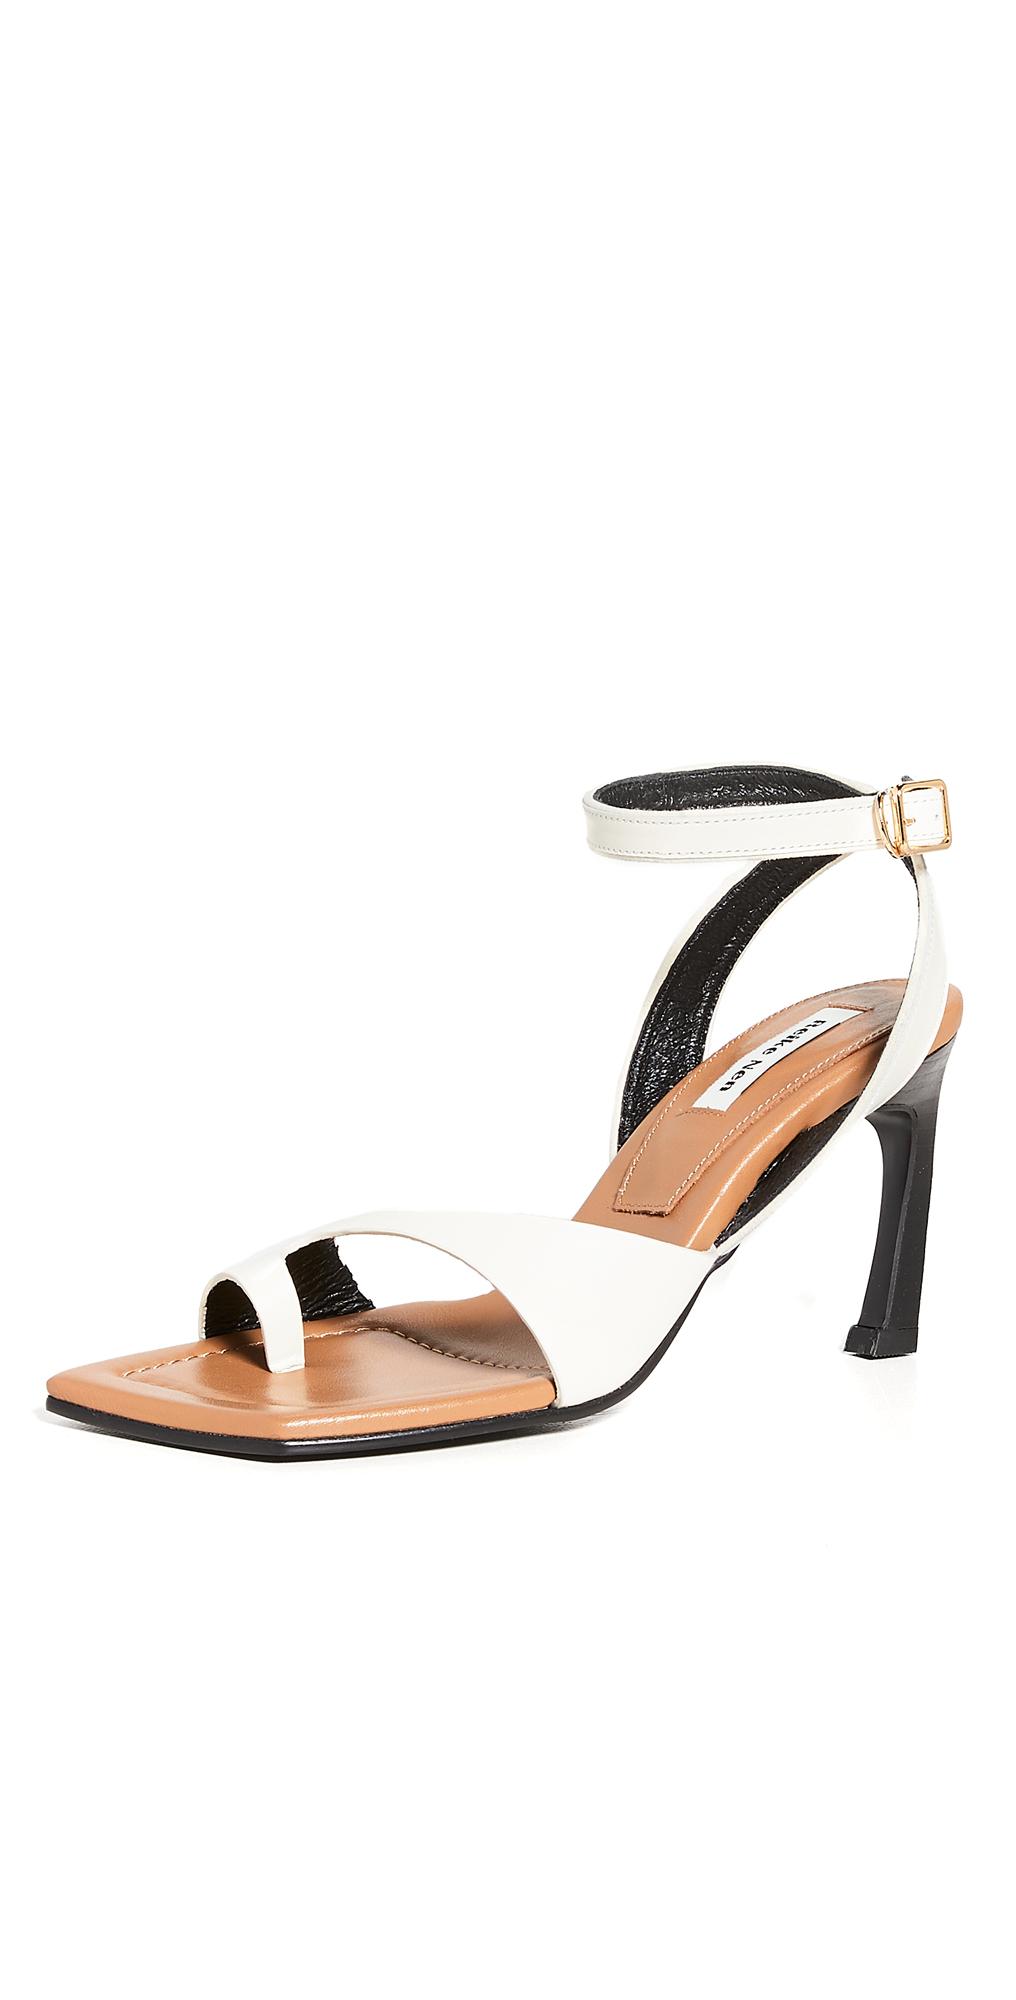 Reike Nen Curved Flip Flops Ankle Strap Sandals